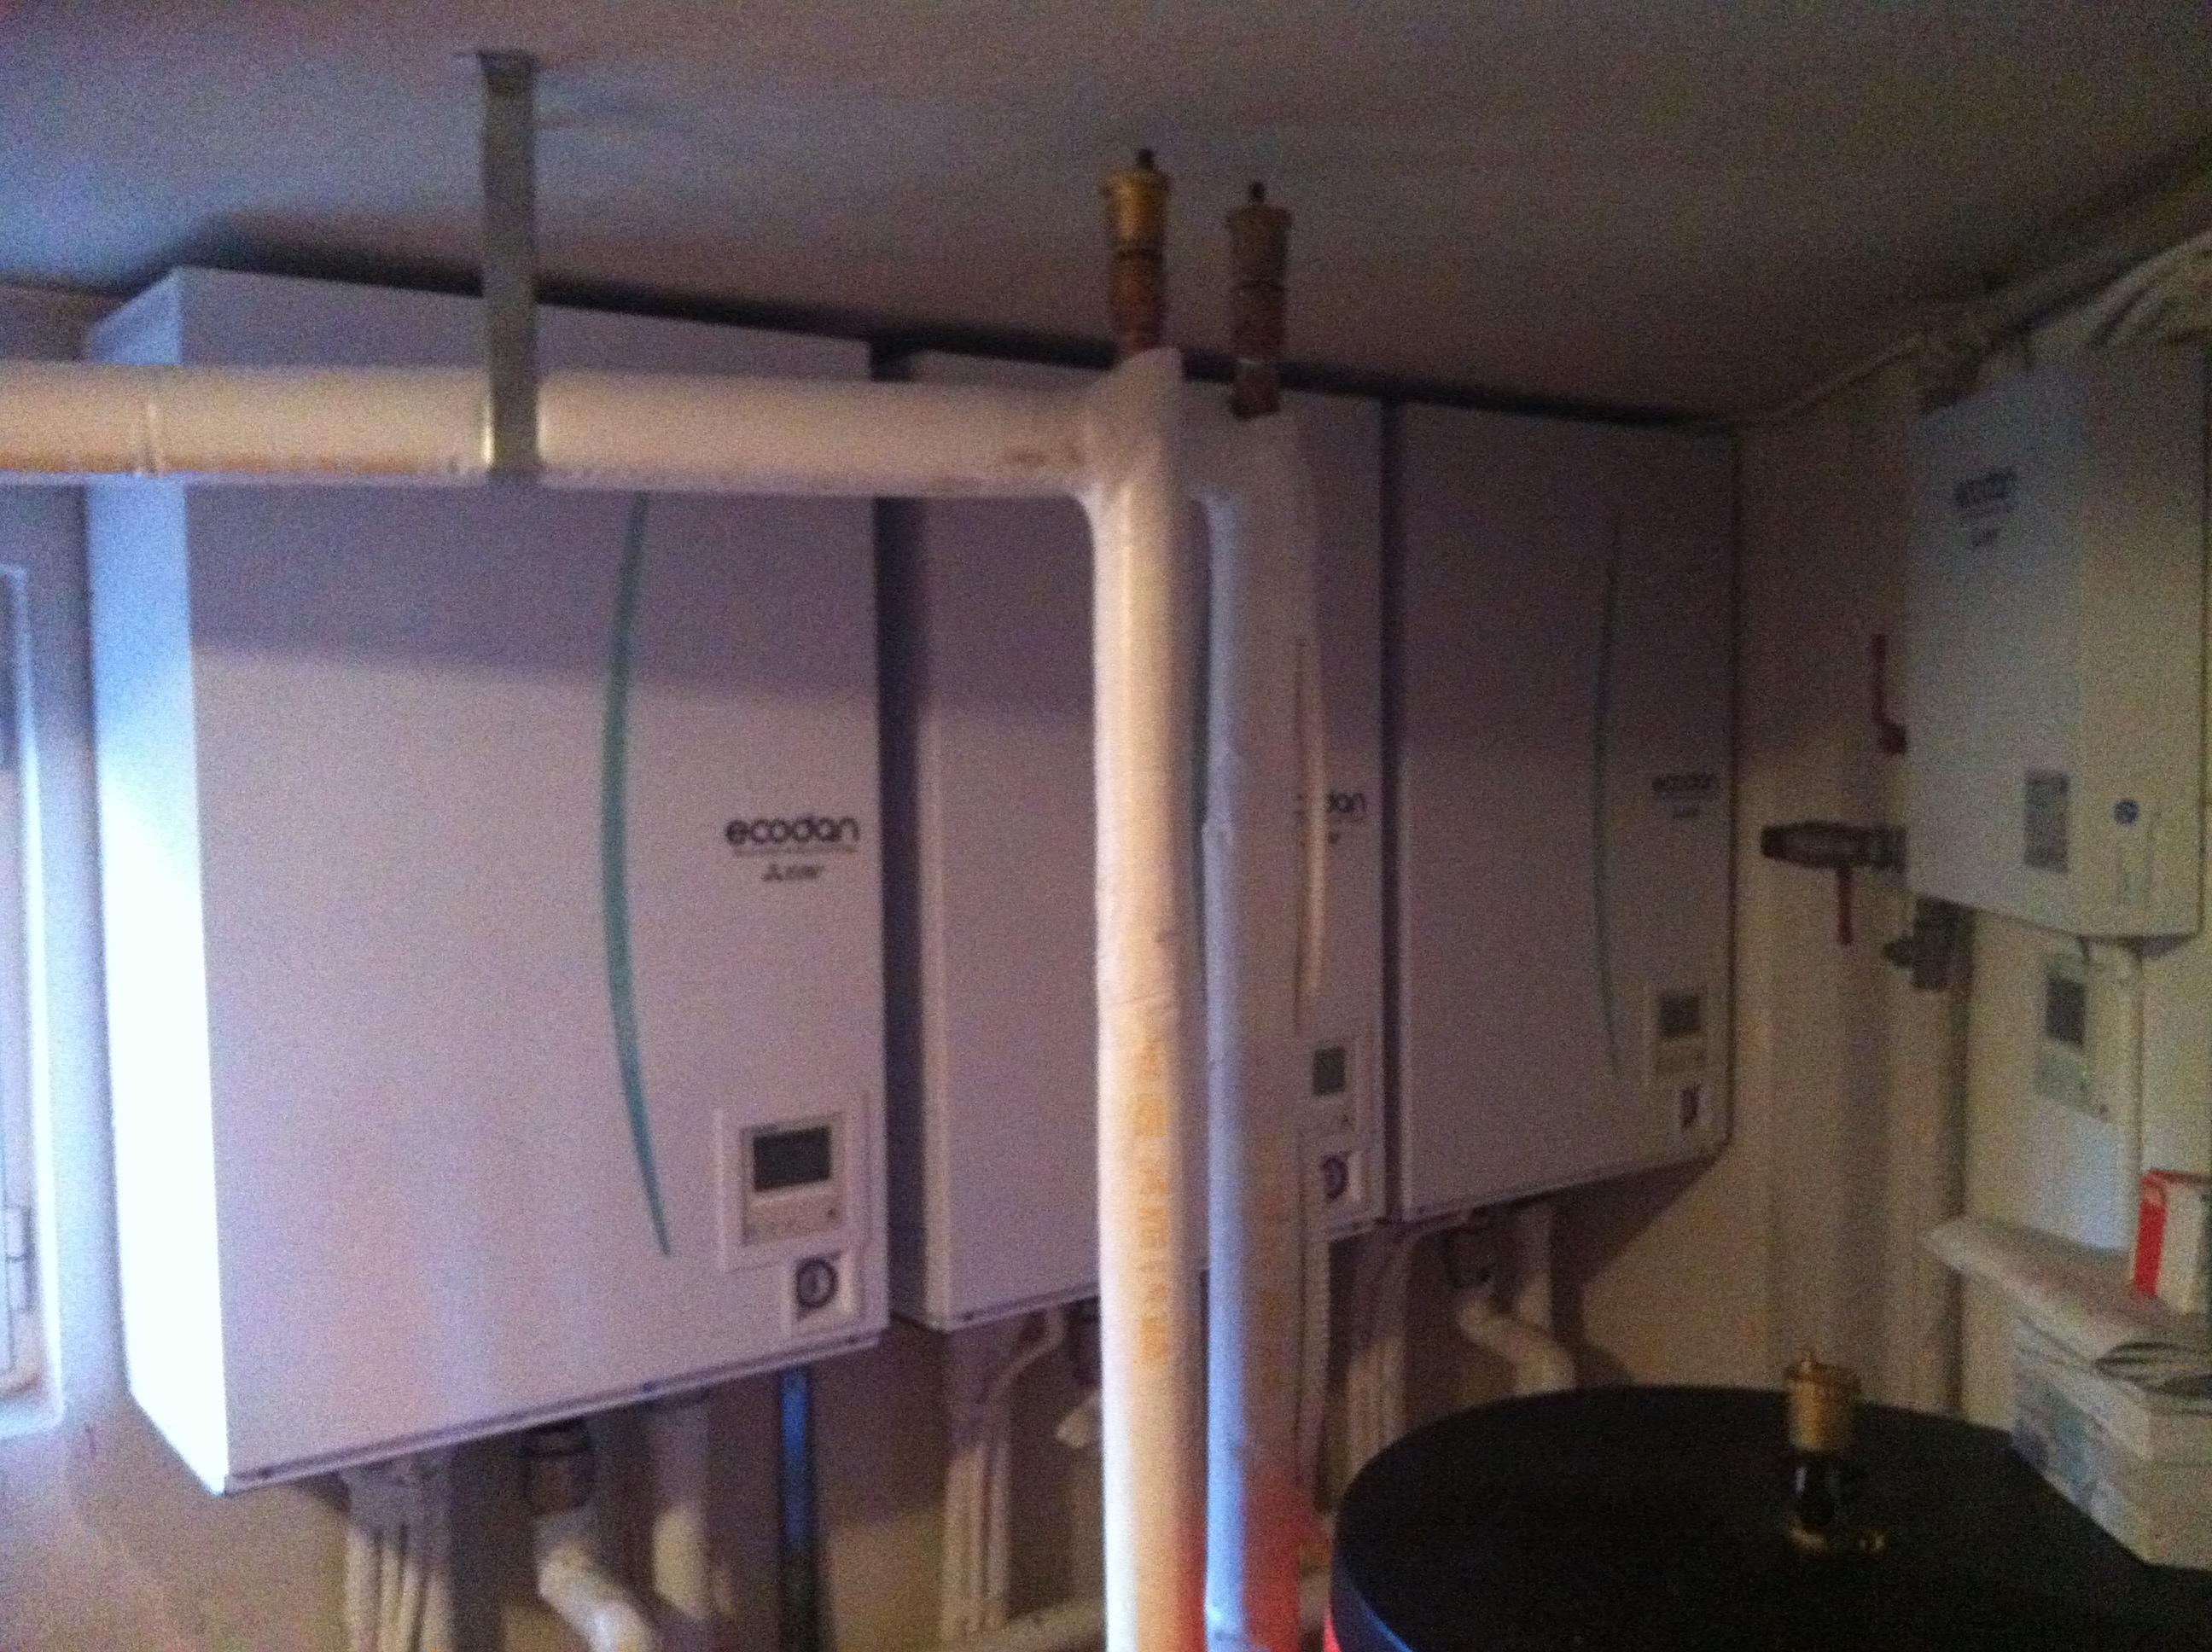 Τρείς Αντλίες Θερμότητος των  25 kW η κάθε μια σε κατοικία 700μ2 στην Εκάλη έτοιμες προς λειτυργία-1